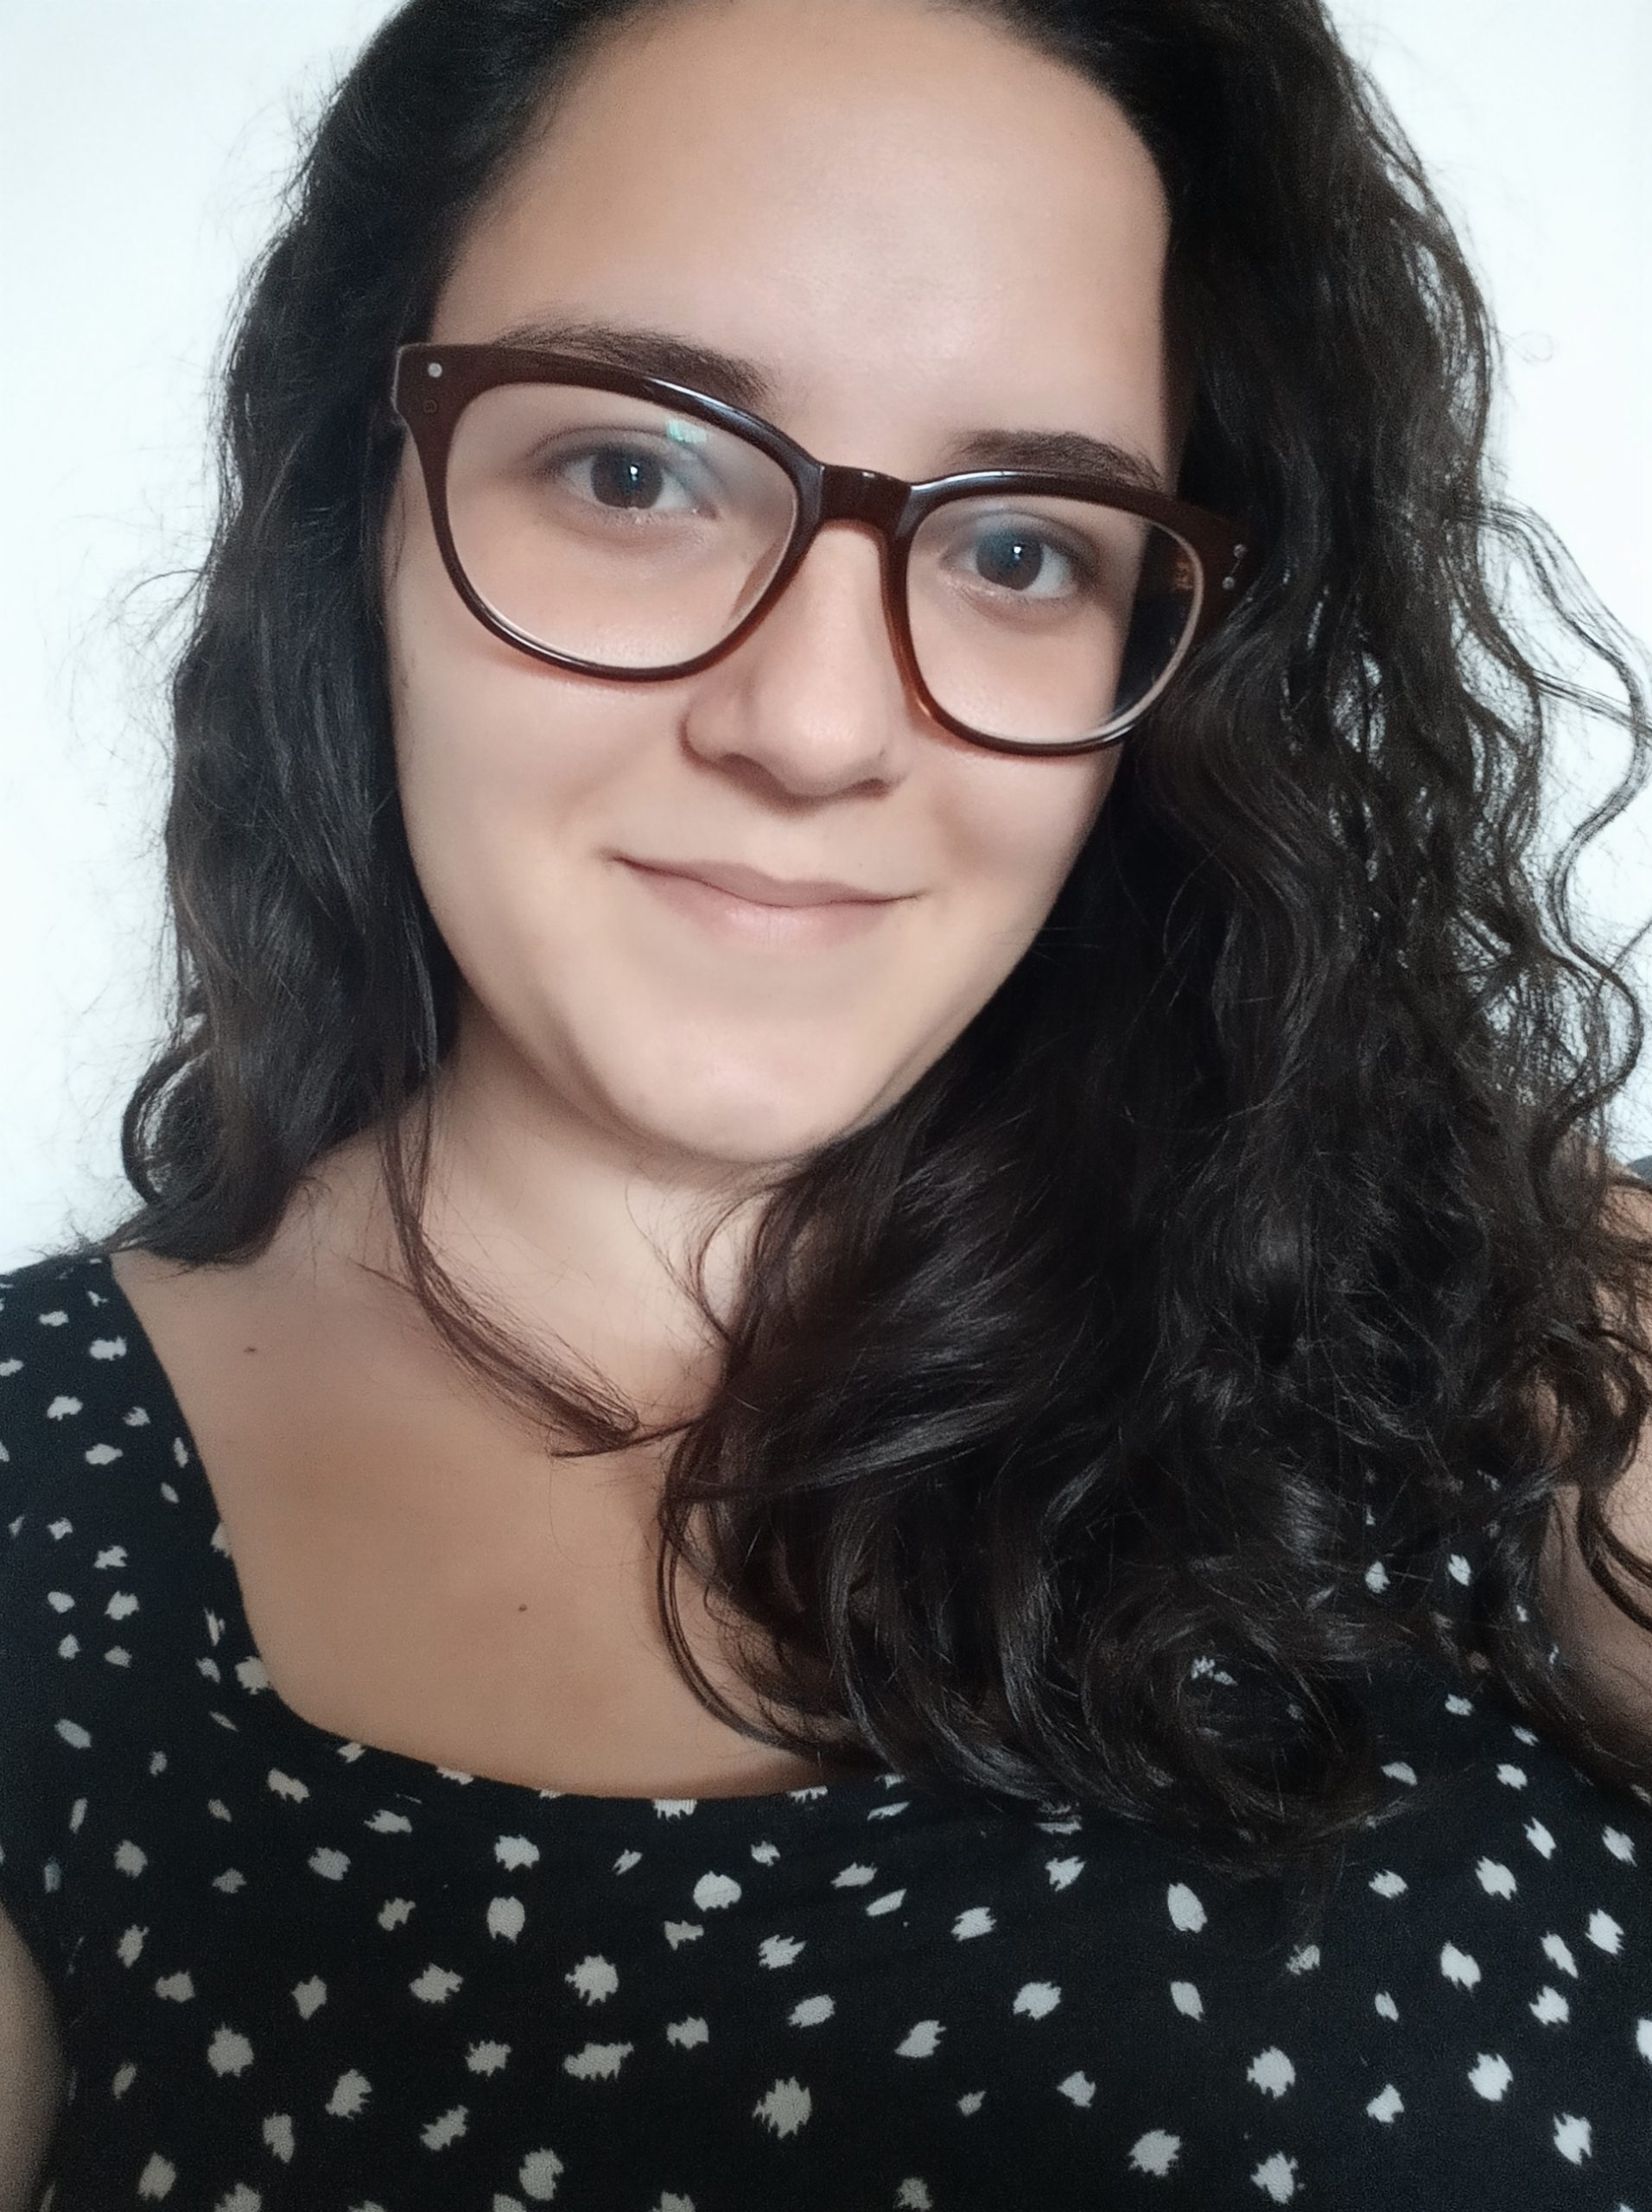 Diana Siqueira Nunes da Silva